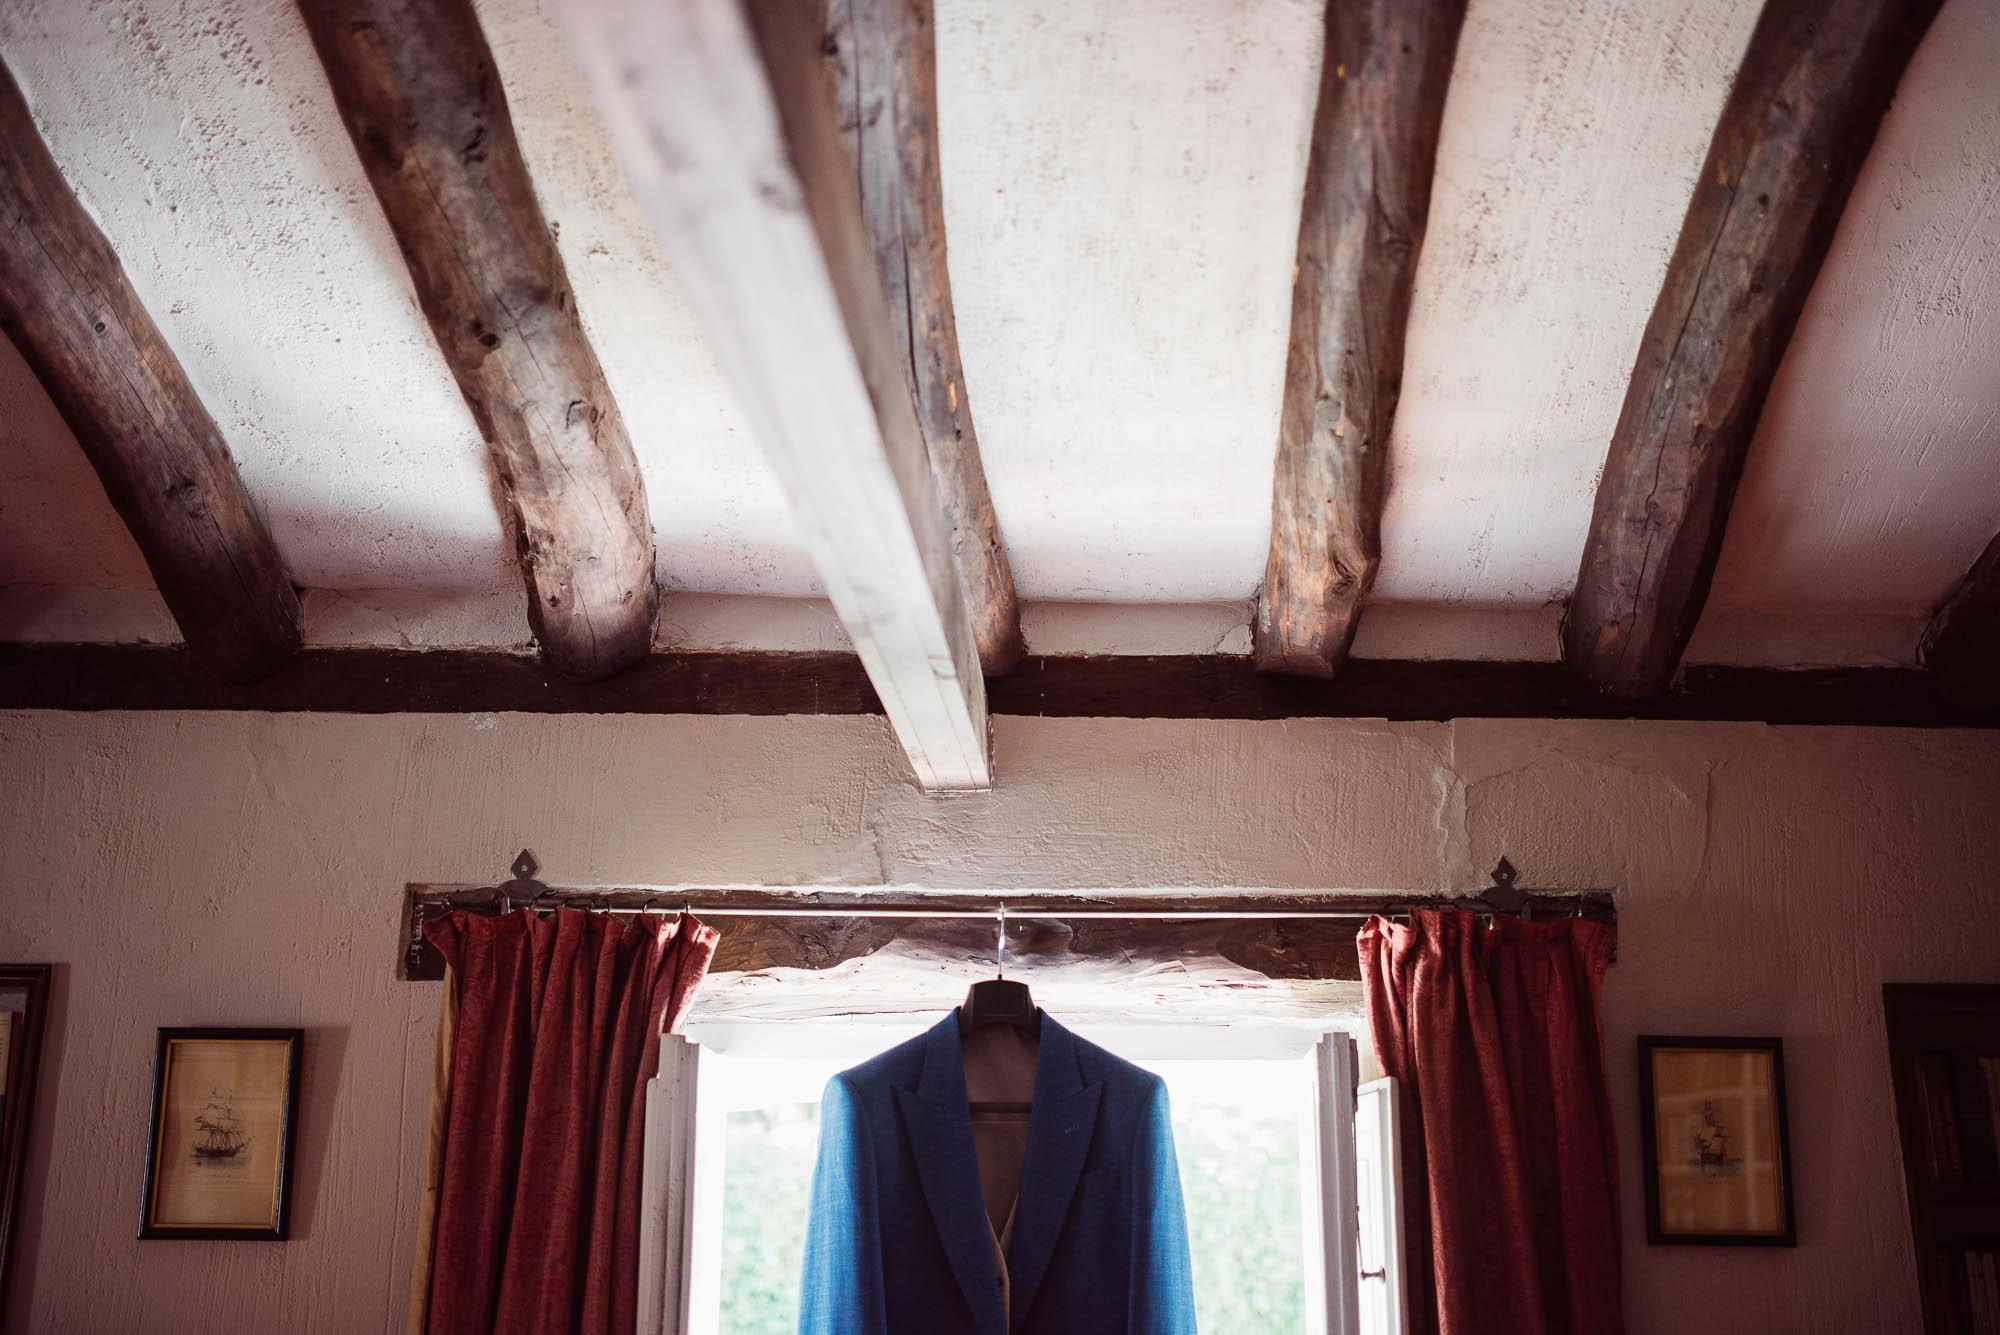 La chaqueta azul del novio colgada de la ventana en la casa rural durante los preparativos